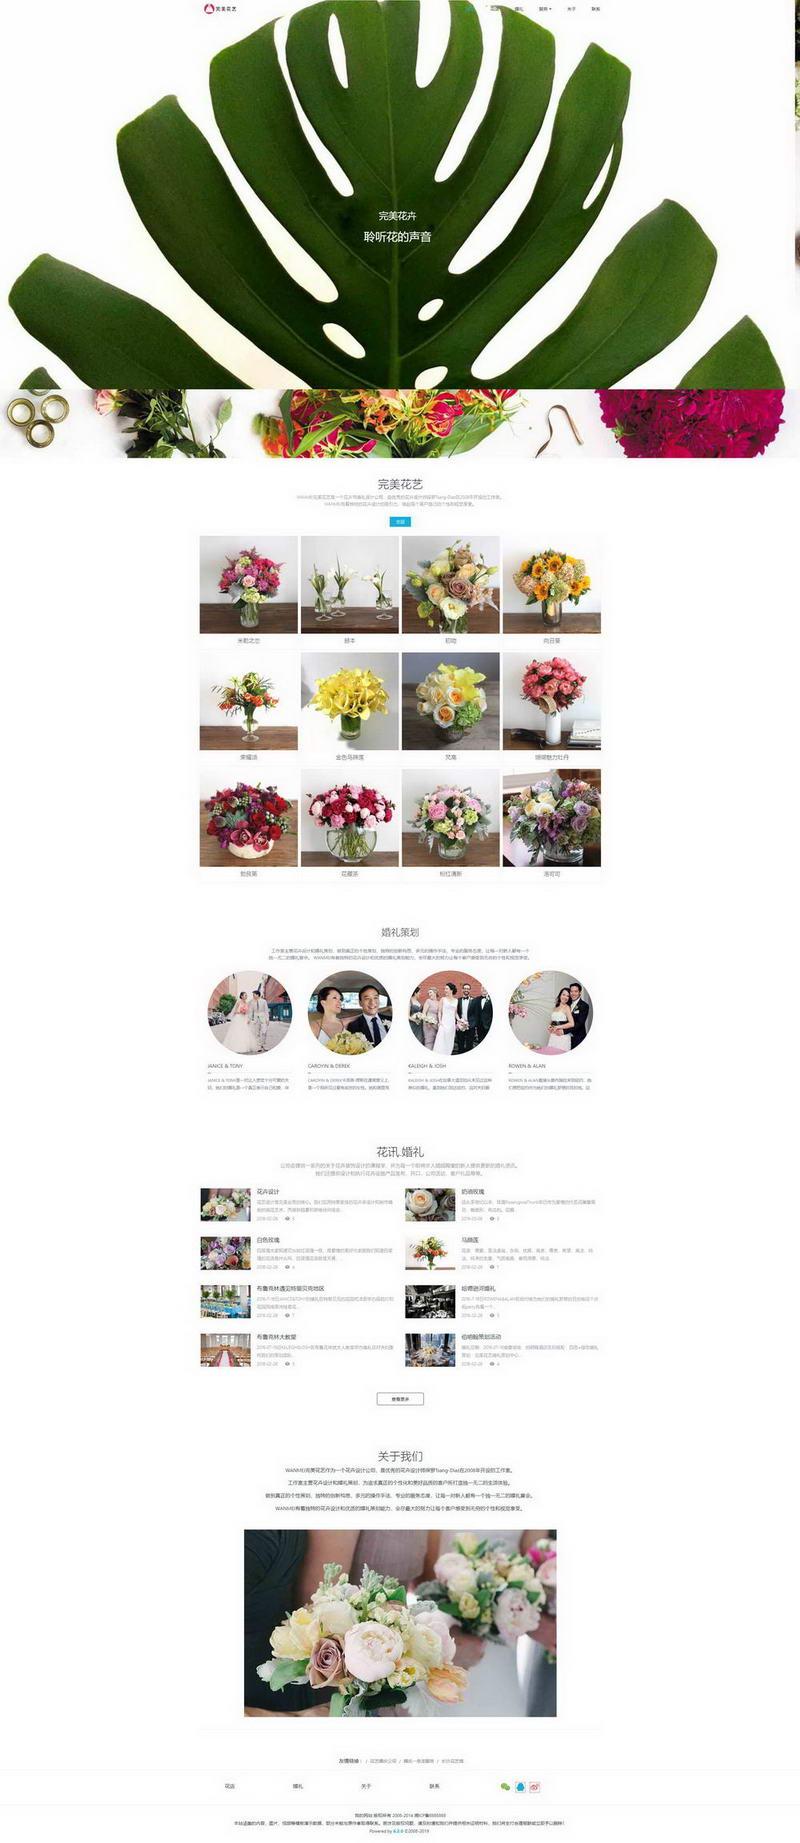 泰州婚庆婚礼策划公司网站设计制作服务